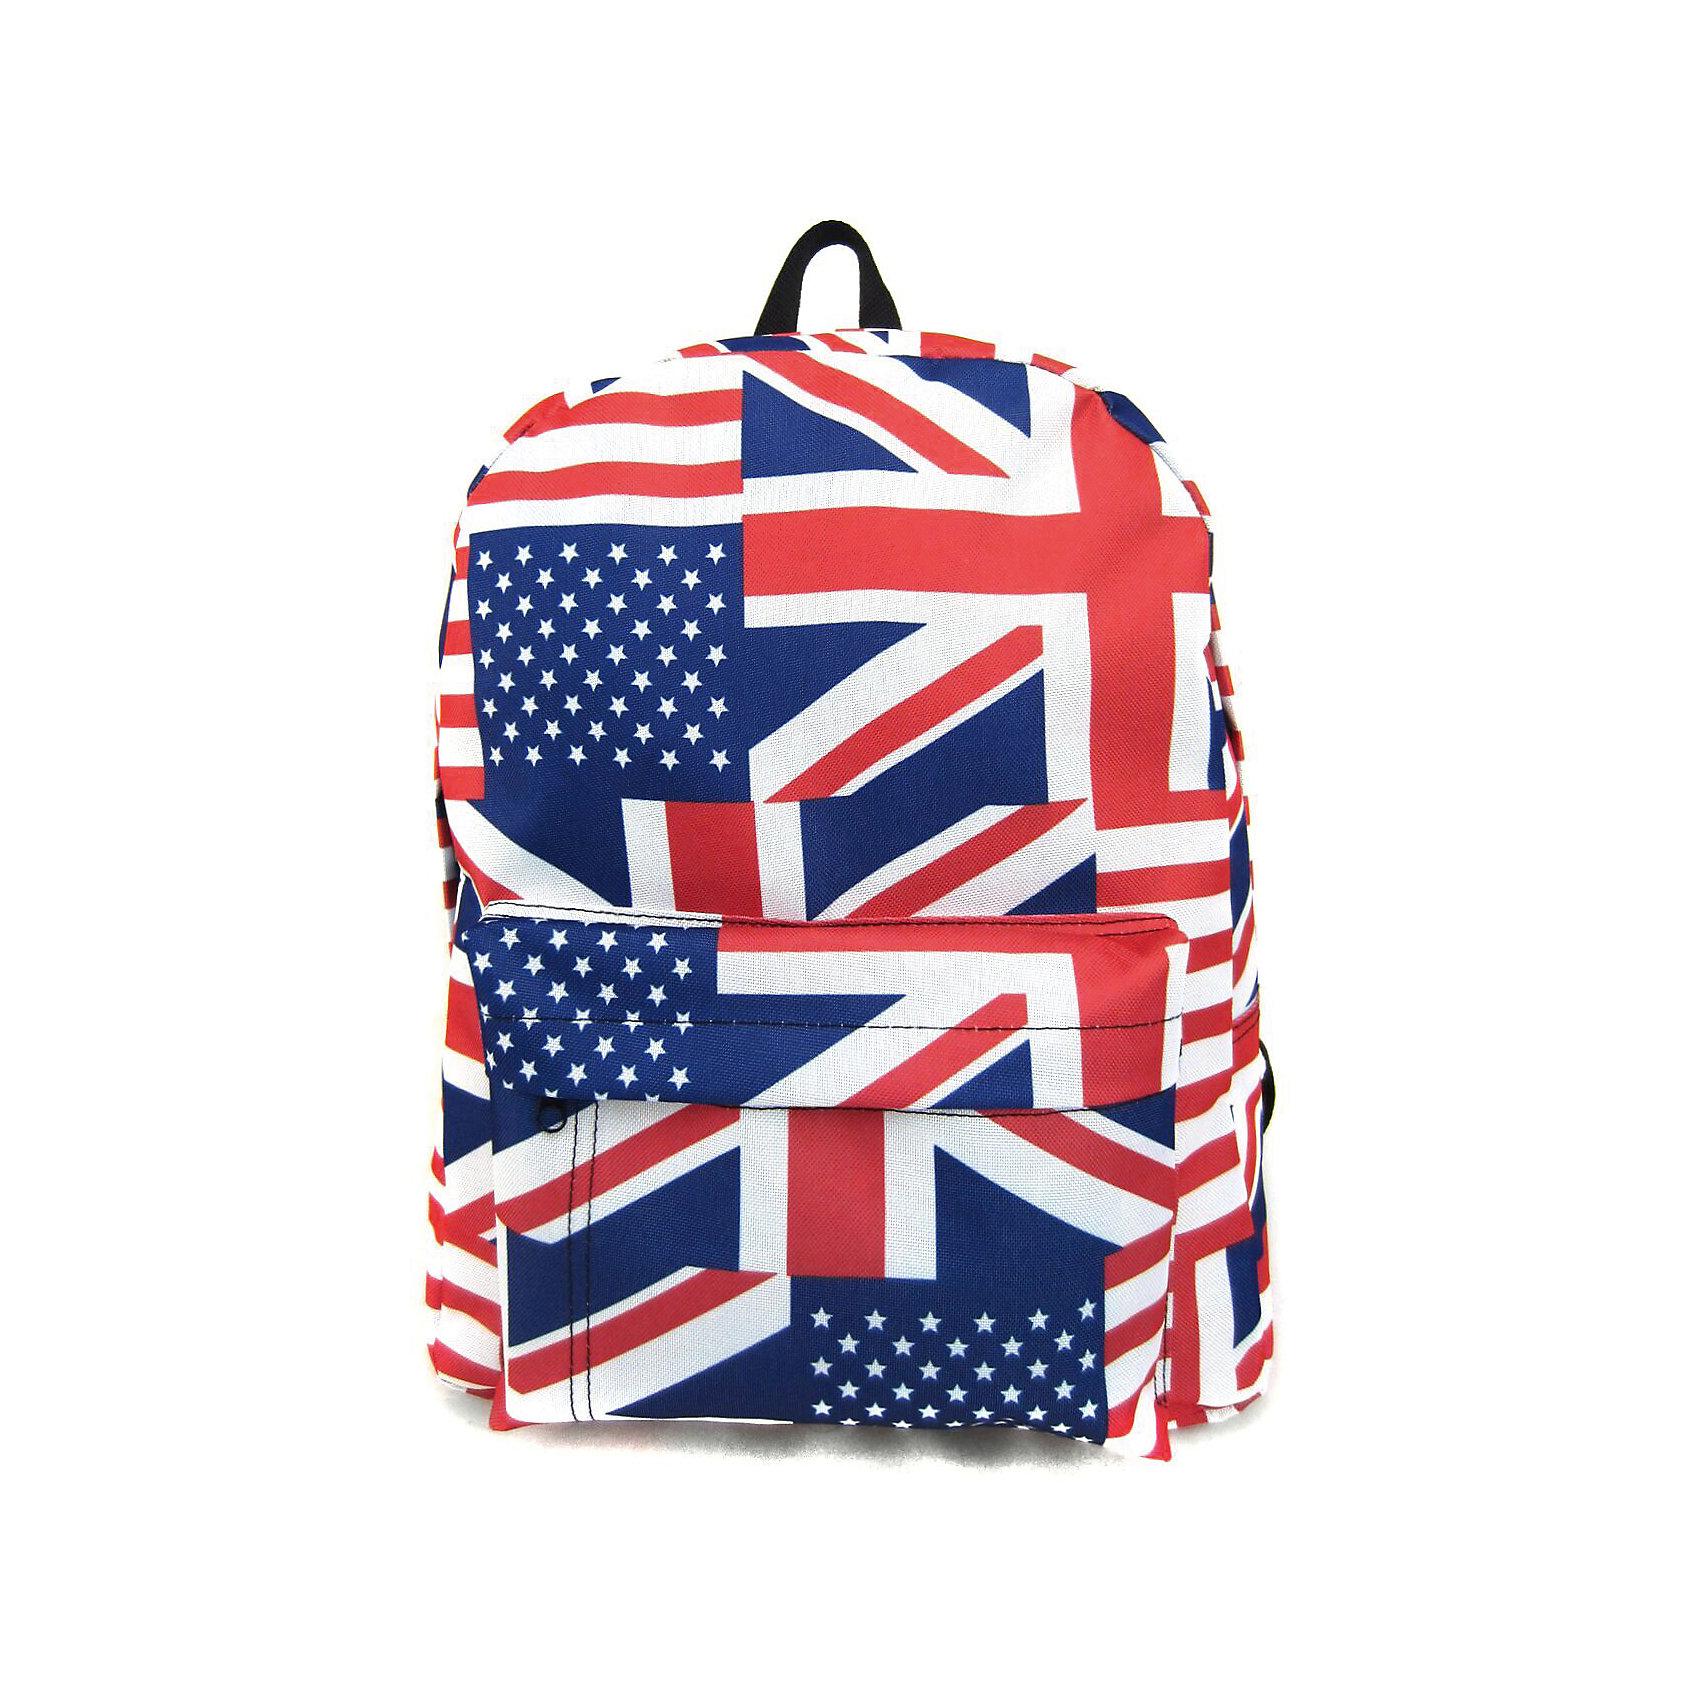 Рюкзак British Flag с 1 карманом, цвет мультиРюкзаки<br>Вес: 0,3 кг<br>Размер: 40х32х13 см<br>Состав: рюкзак<br>Наличие светоотражающих элементов: нет<br>Материал: полиэстер<br><br>Ширина мм: 400<br>Глубина мм: 320<br>Высота мм: 130<br>Вес г: 300<br>Возраст от месяцев: 84<br>Возраст до месяцев: 720<br>Пол: Унисекс<br>Возраст: Детский<br>SKU: 7054046